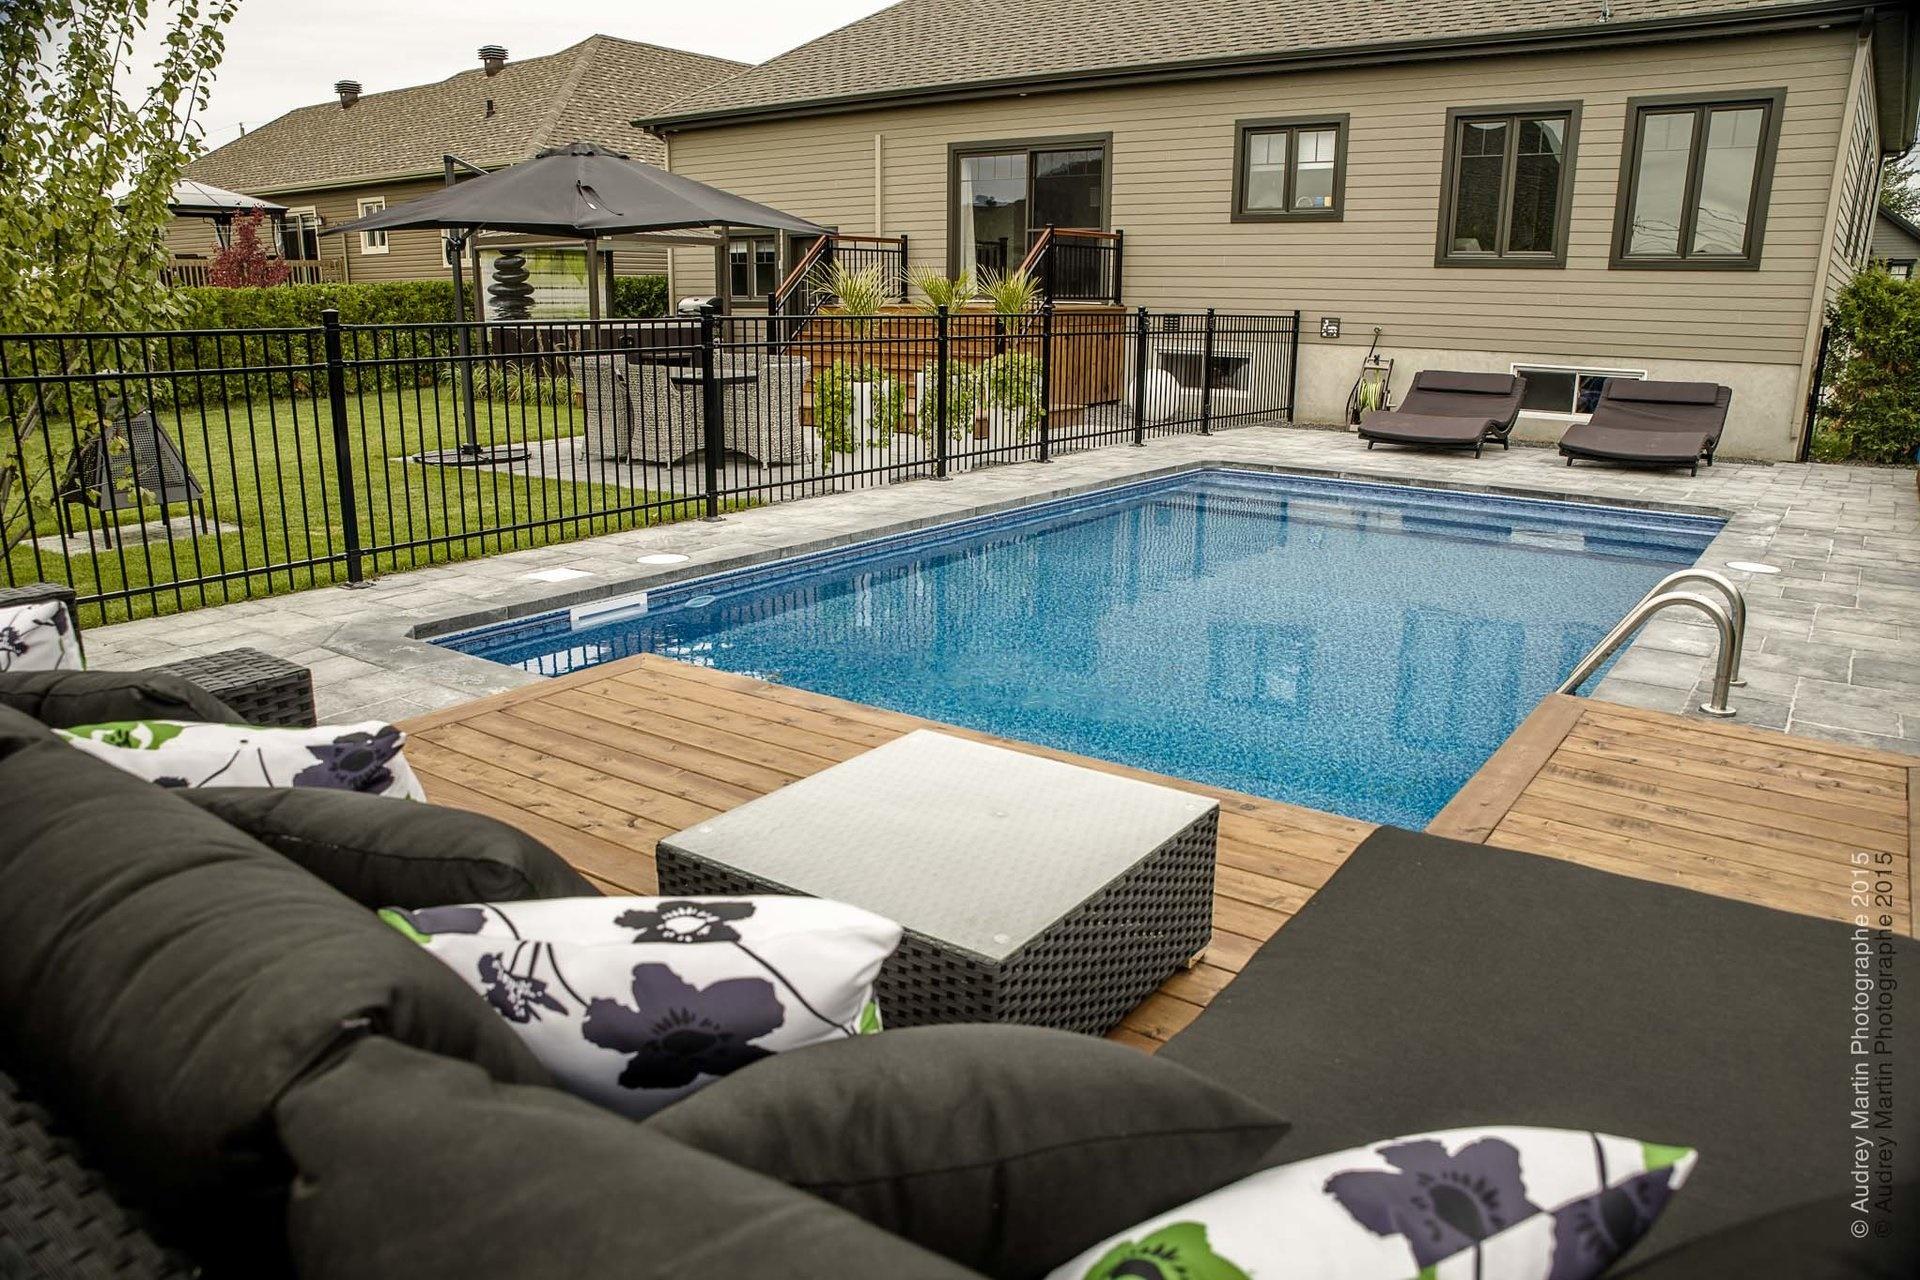 piscine, cèdre & béton - cour arrière - piscine & spa - réalisations